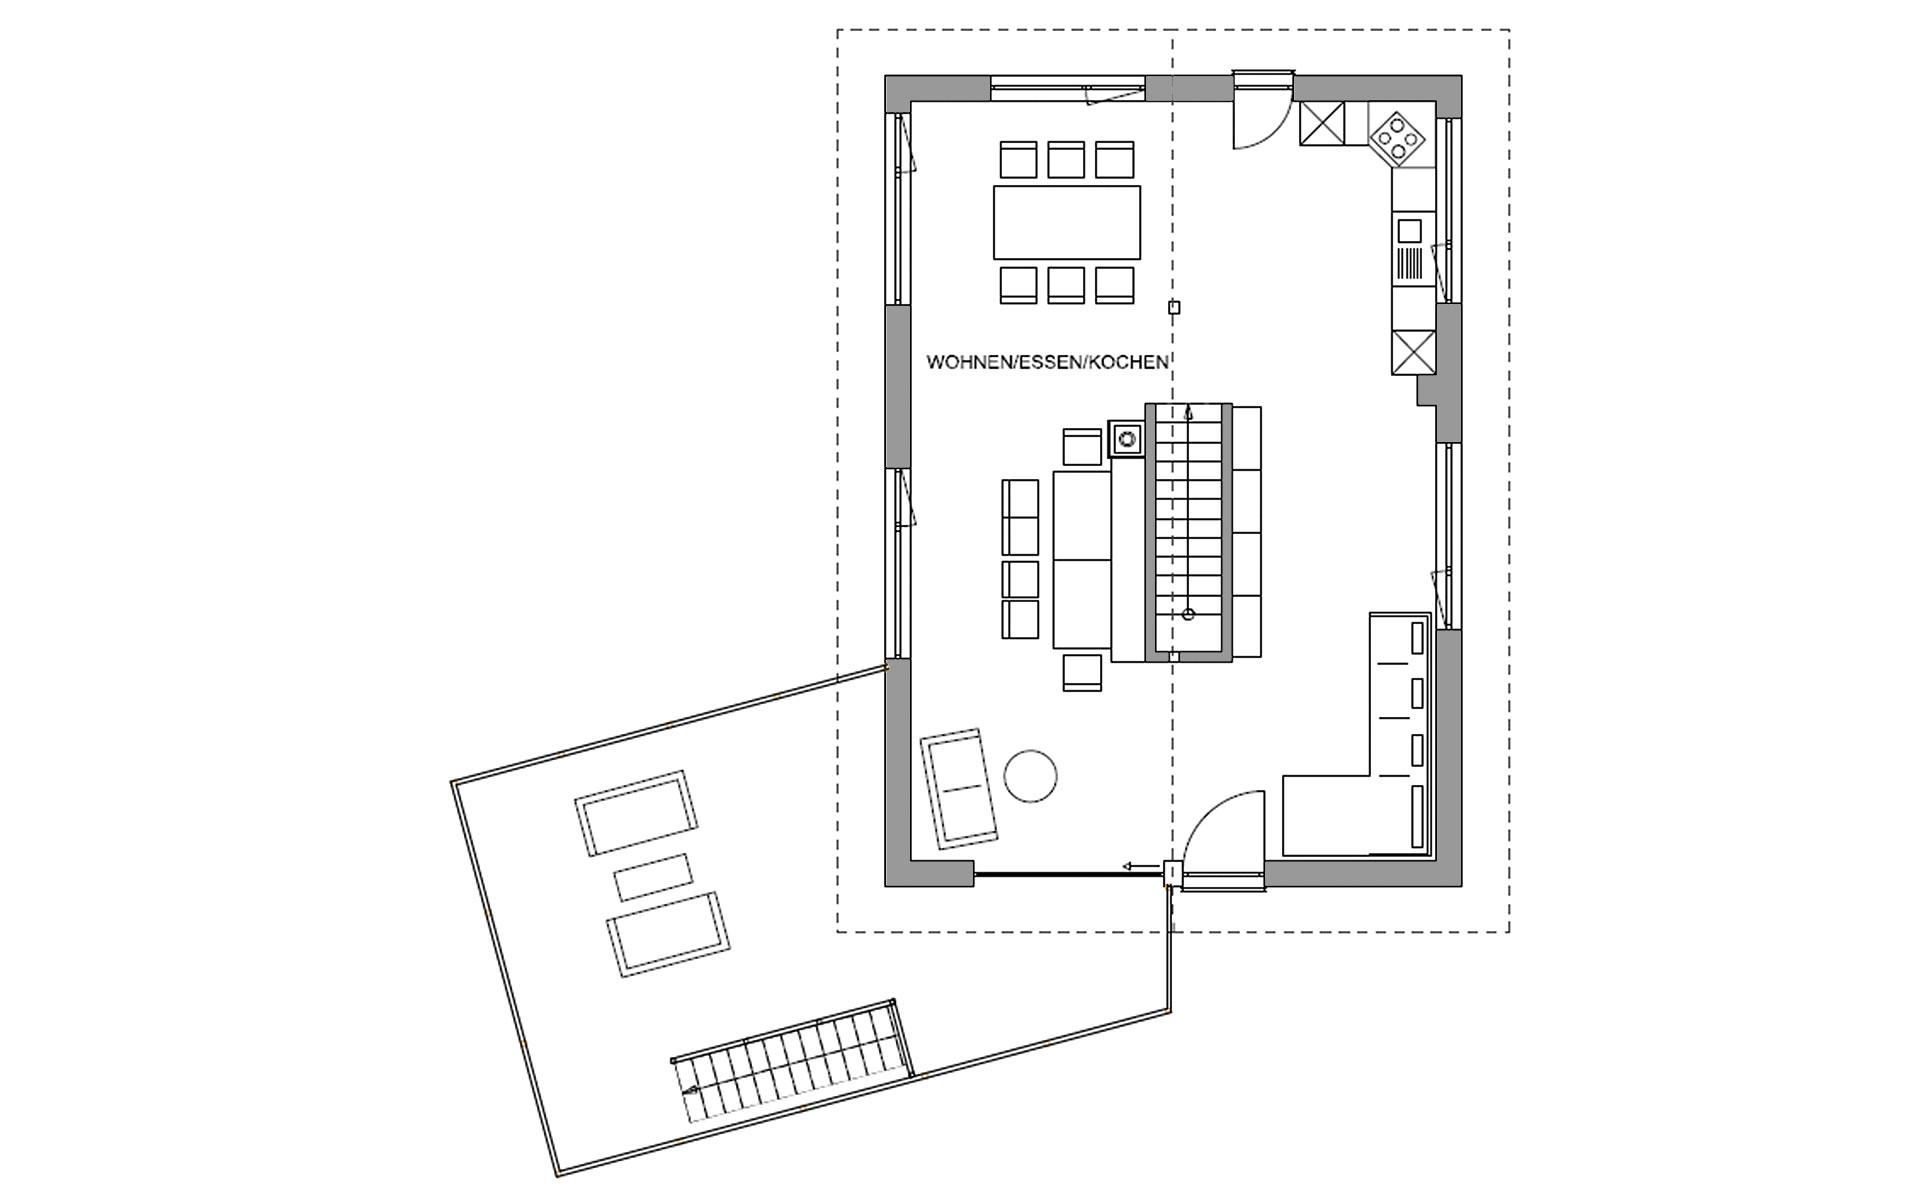 Obergeschoss Waakirchen von Regnauer Hausbau GmbH & Co. KG